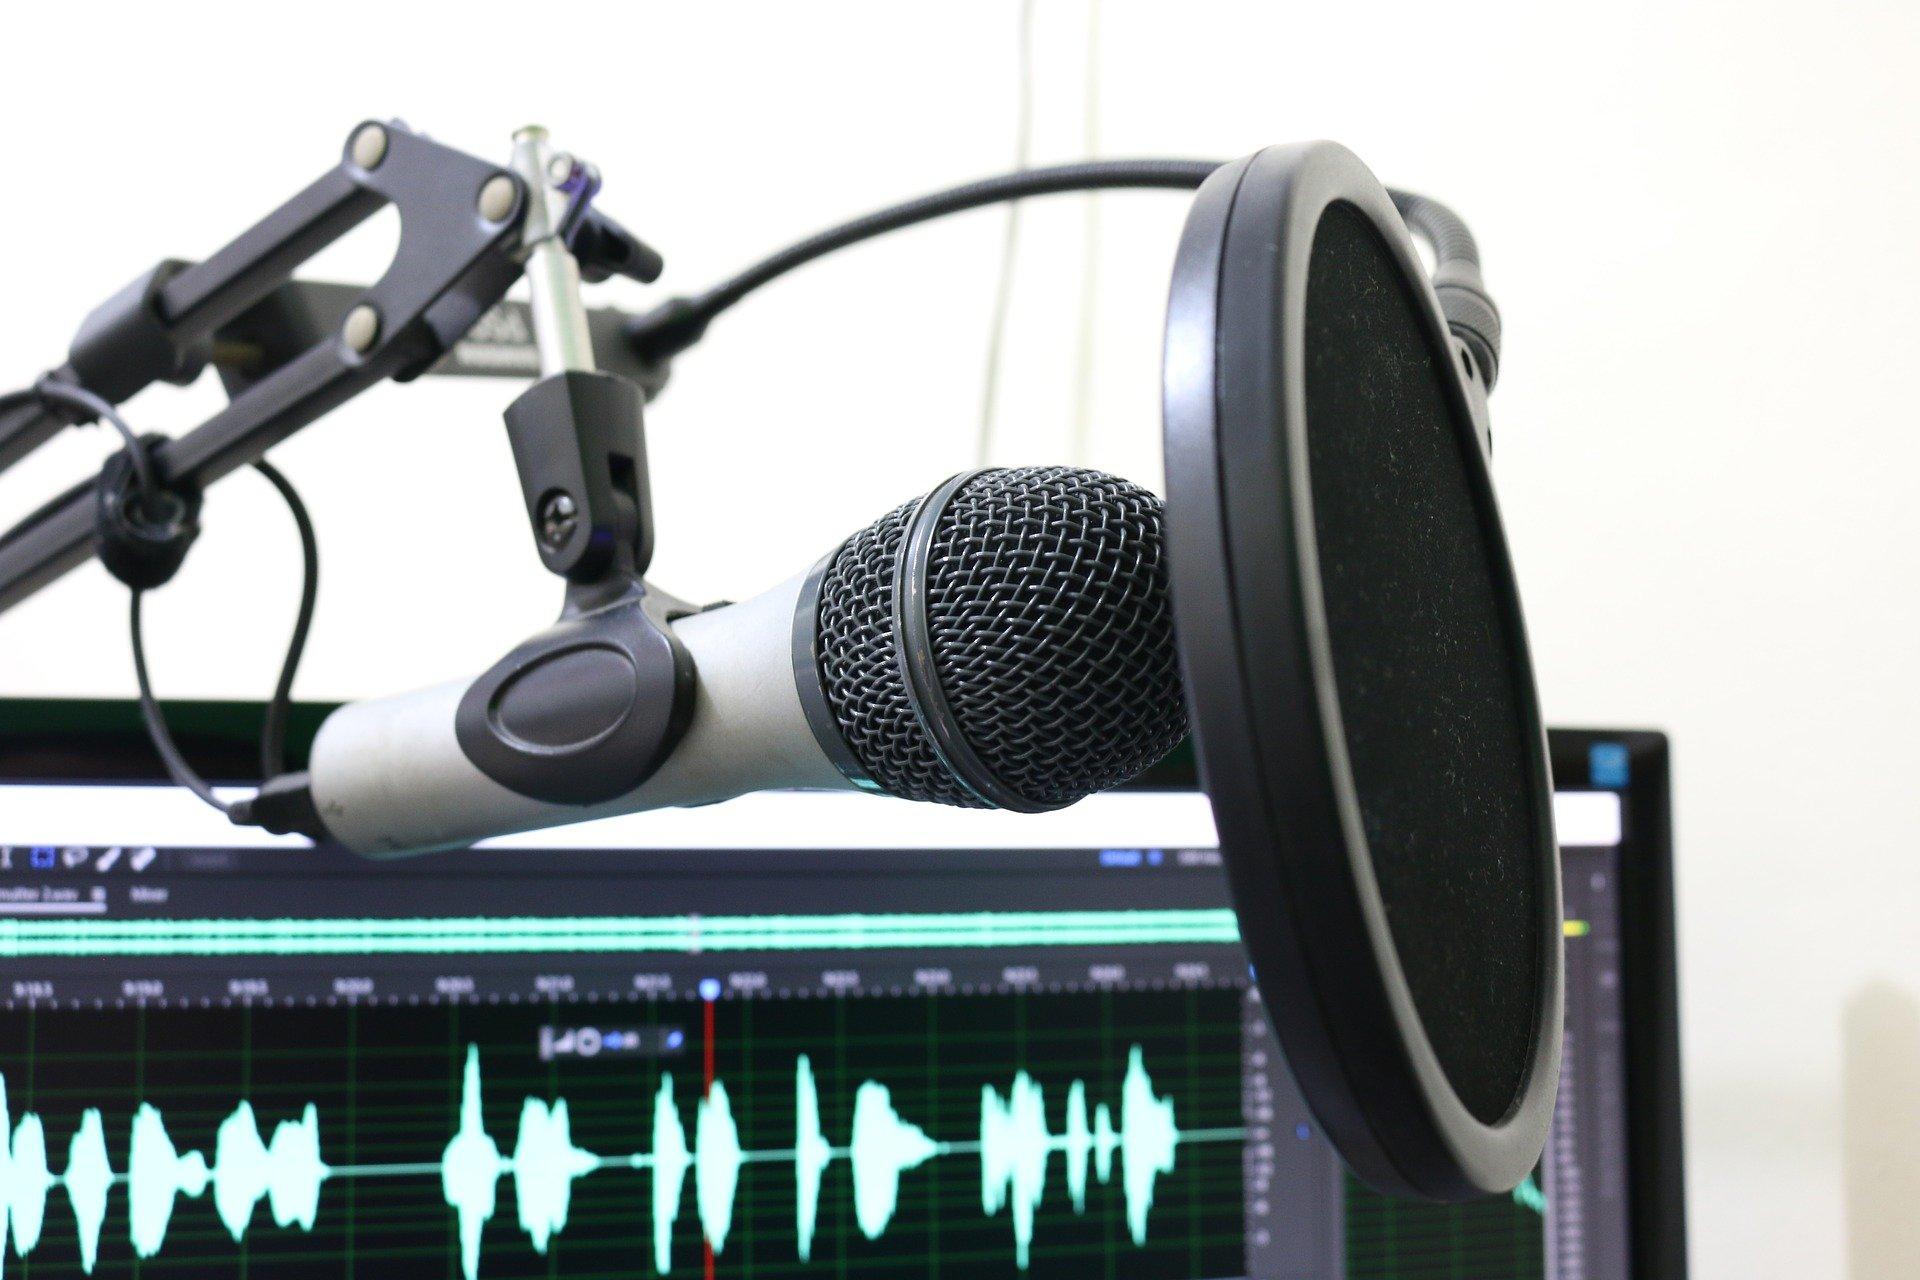 Imagem mostra um microfone com um filtro de ruído em frente a um computador.